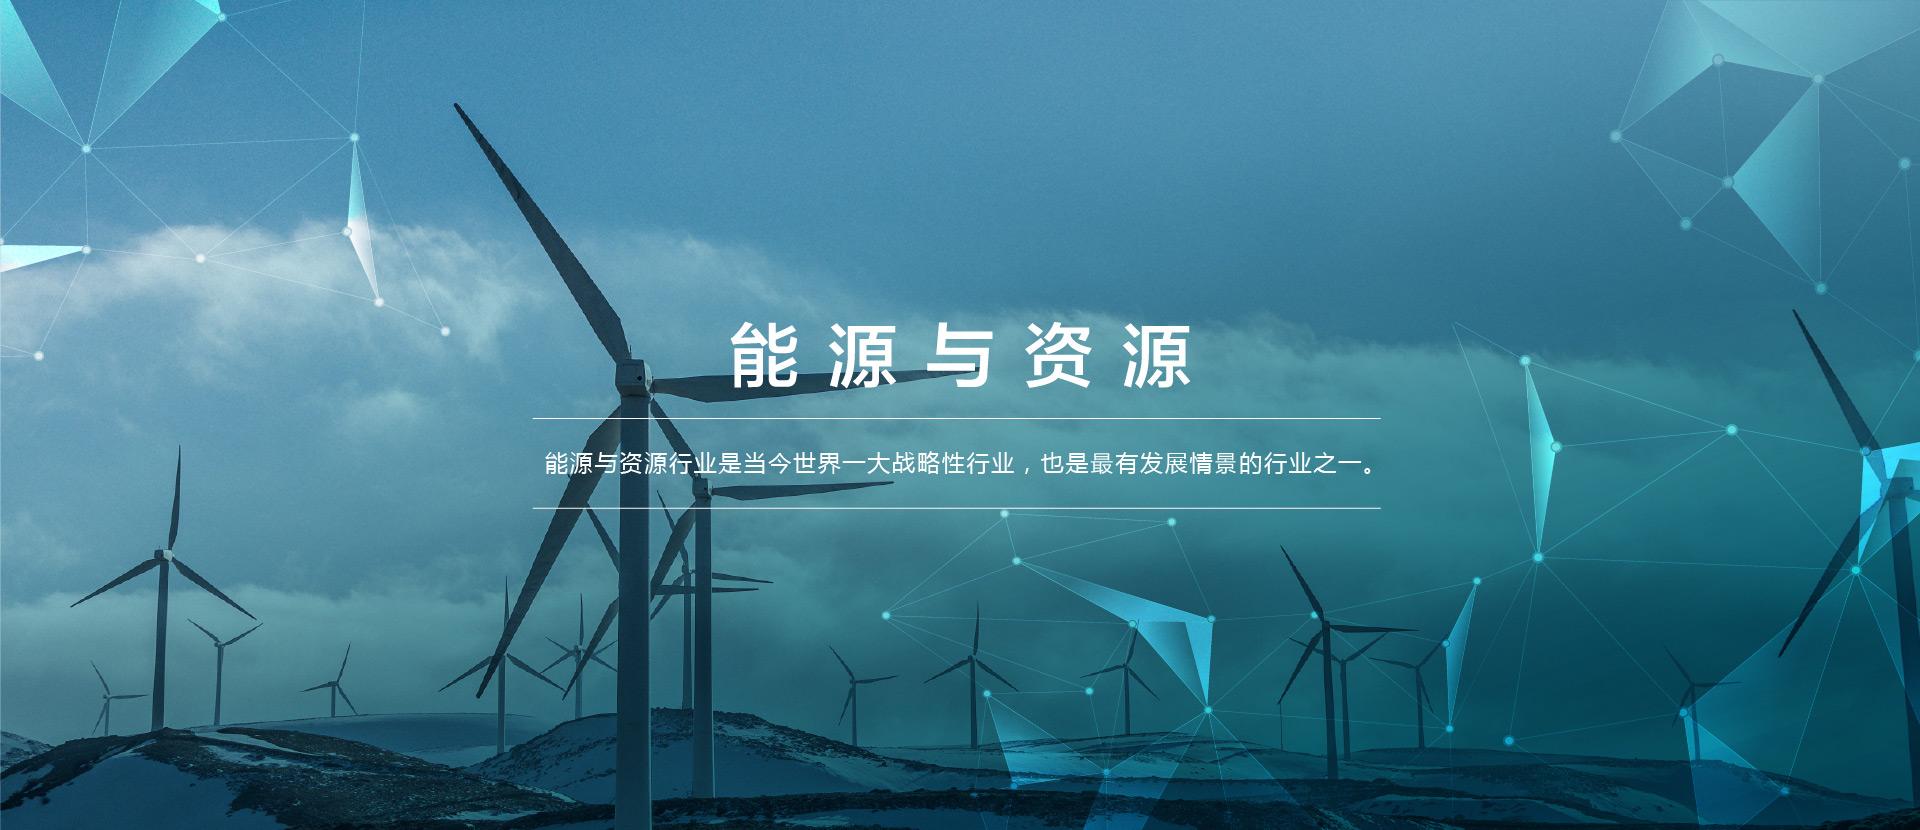 海报1(能源与资源)